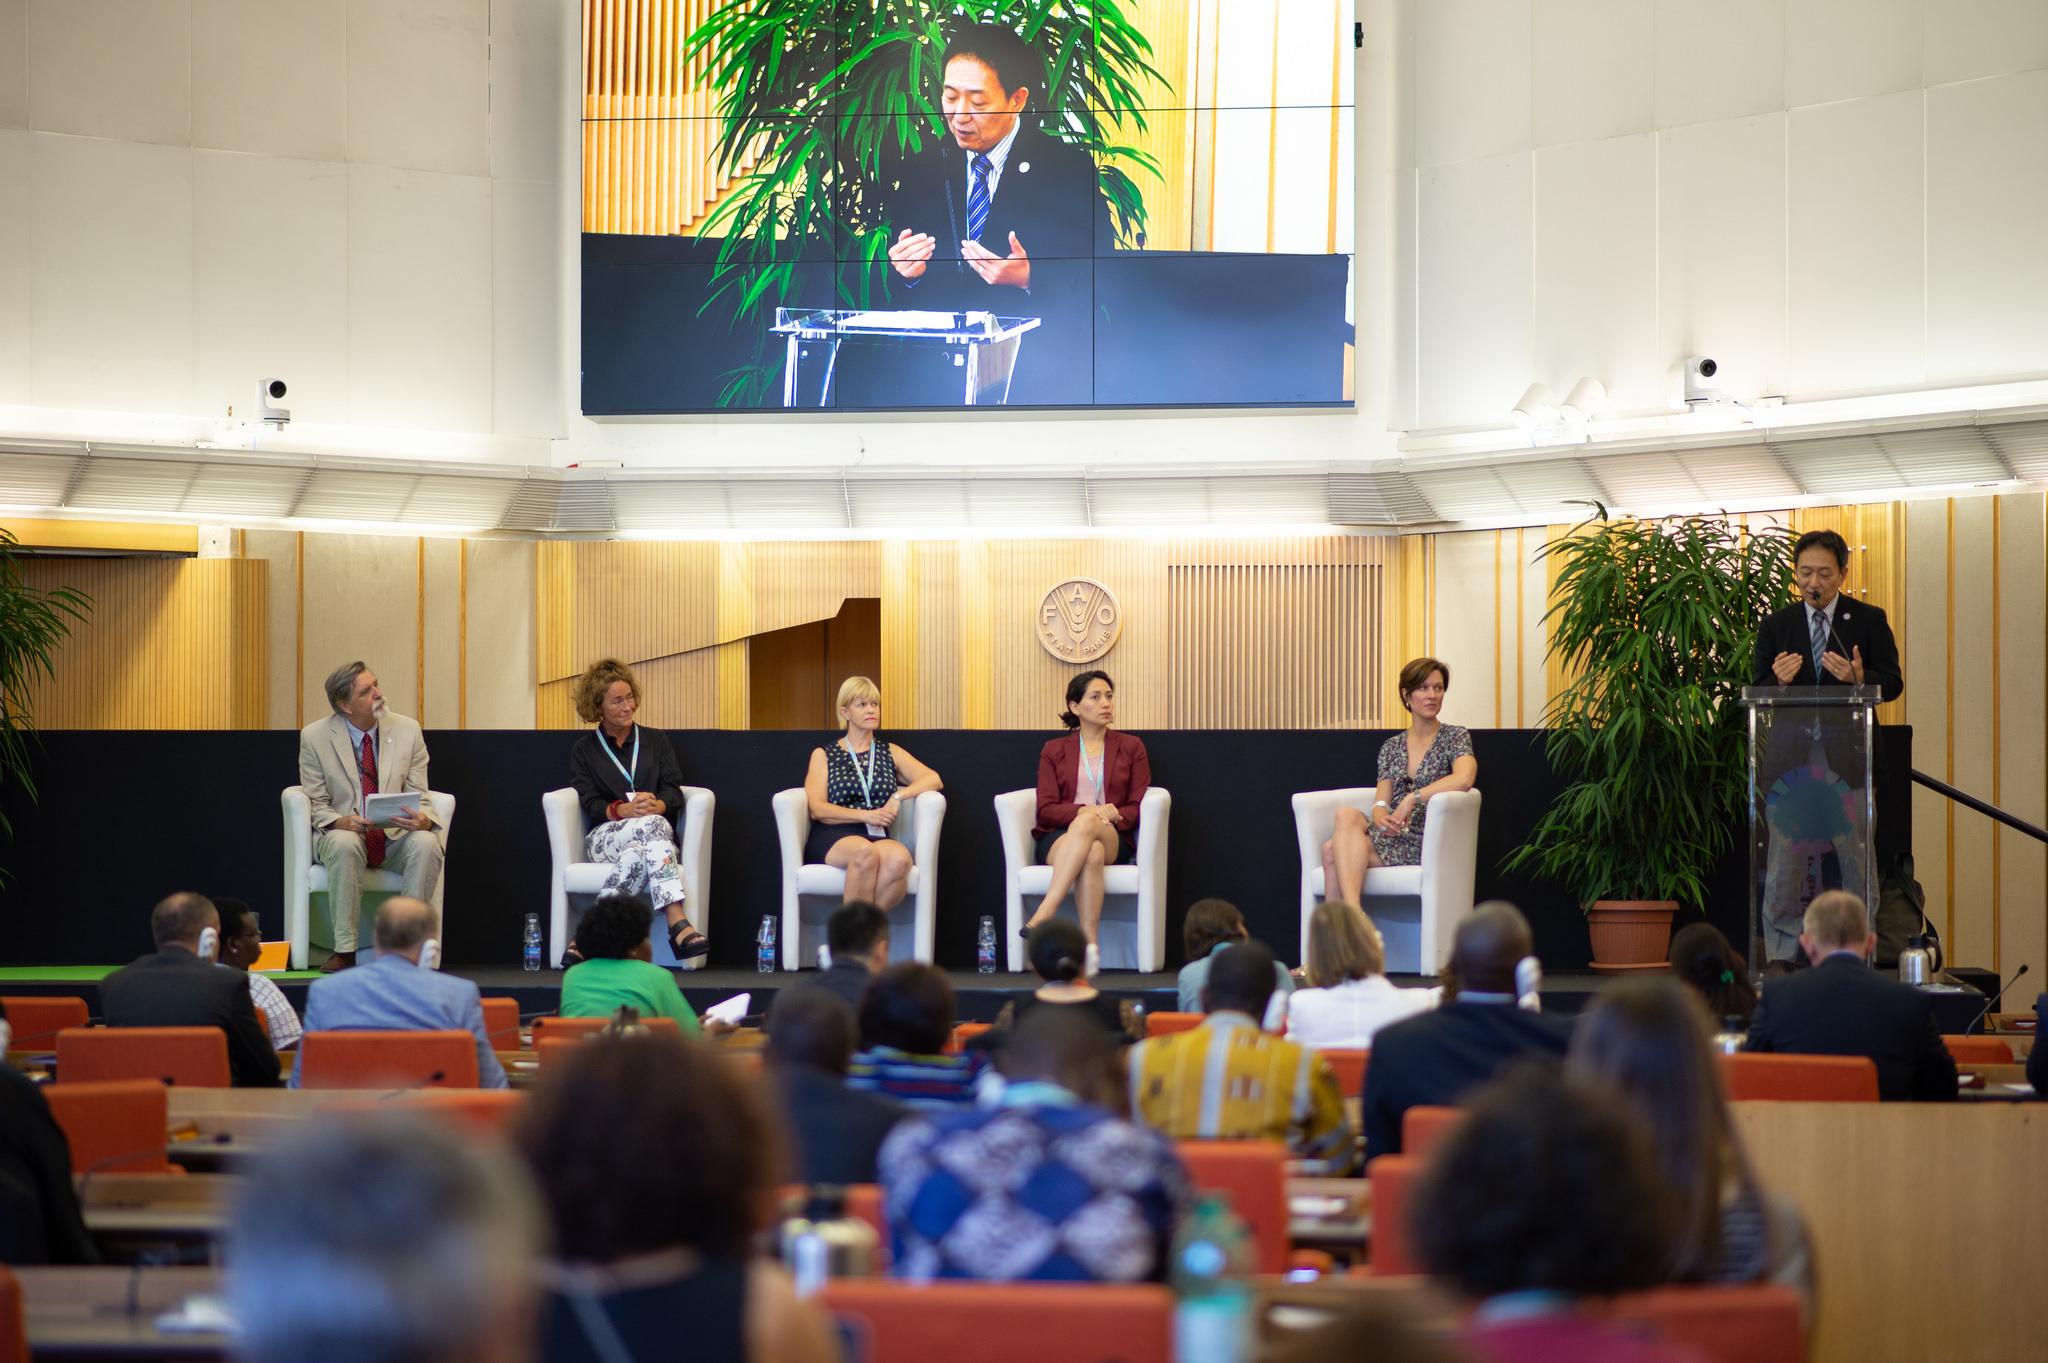 FAO:n metsäasioista vastaava apulaispääsihteeri Hiroto Mitsugi puhuu FAO-FFF:n paneelitilaisuudessa Roomassa. Kuva: Pilar Valbuena/FAO